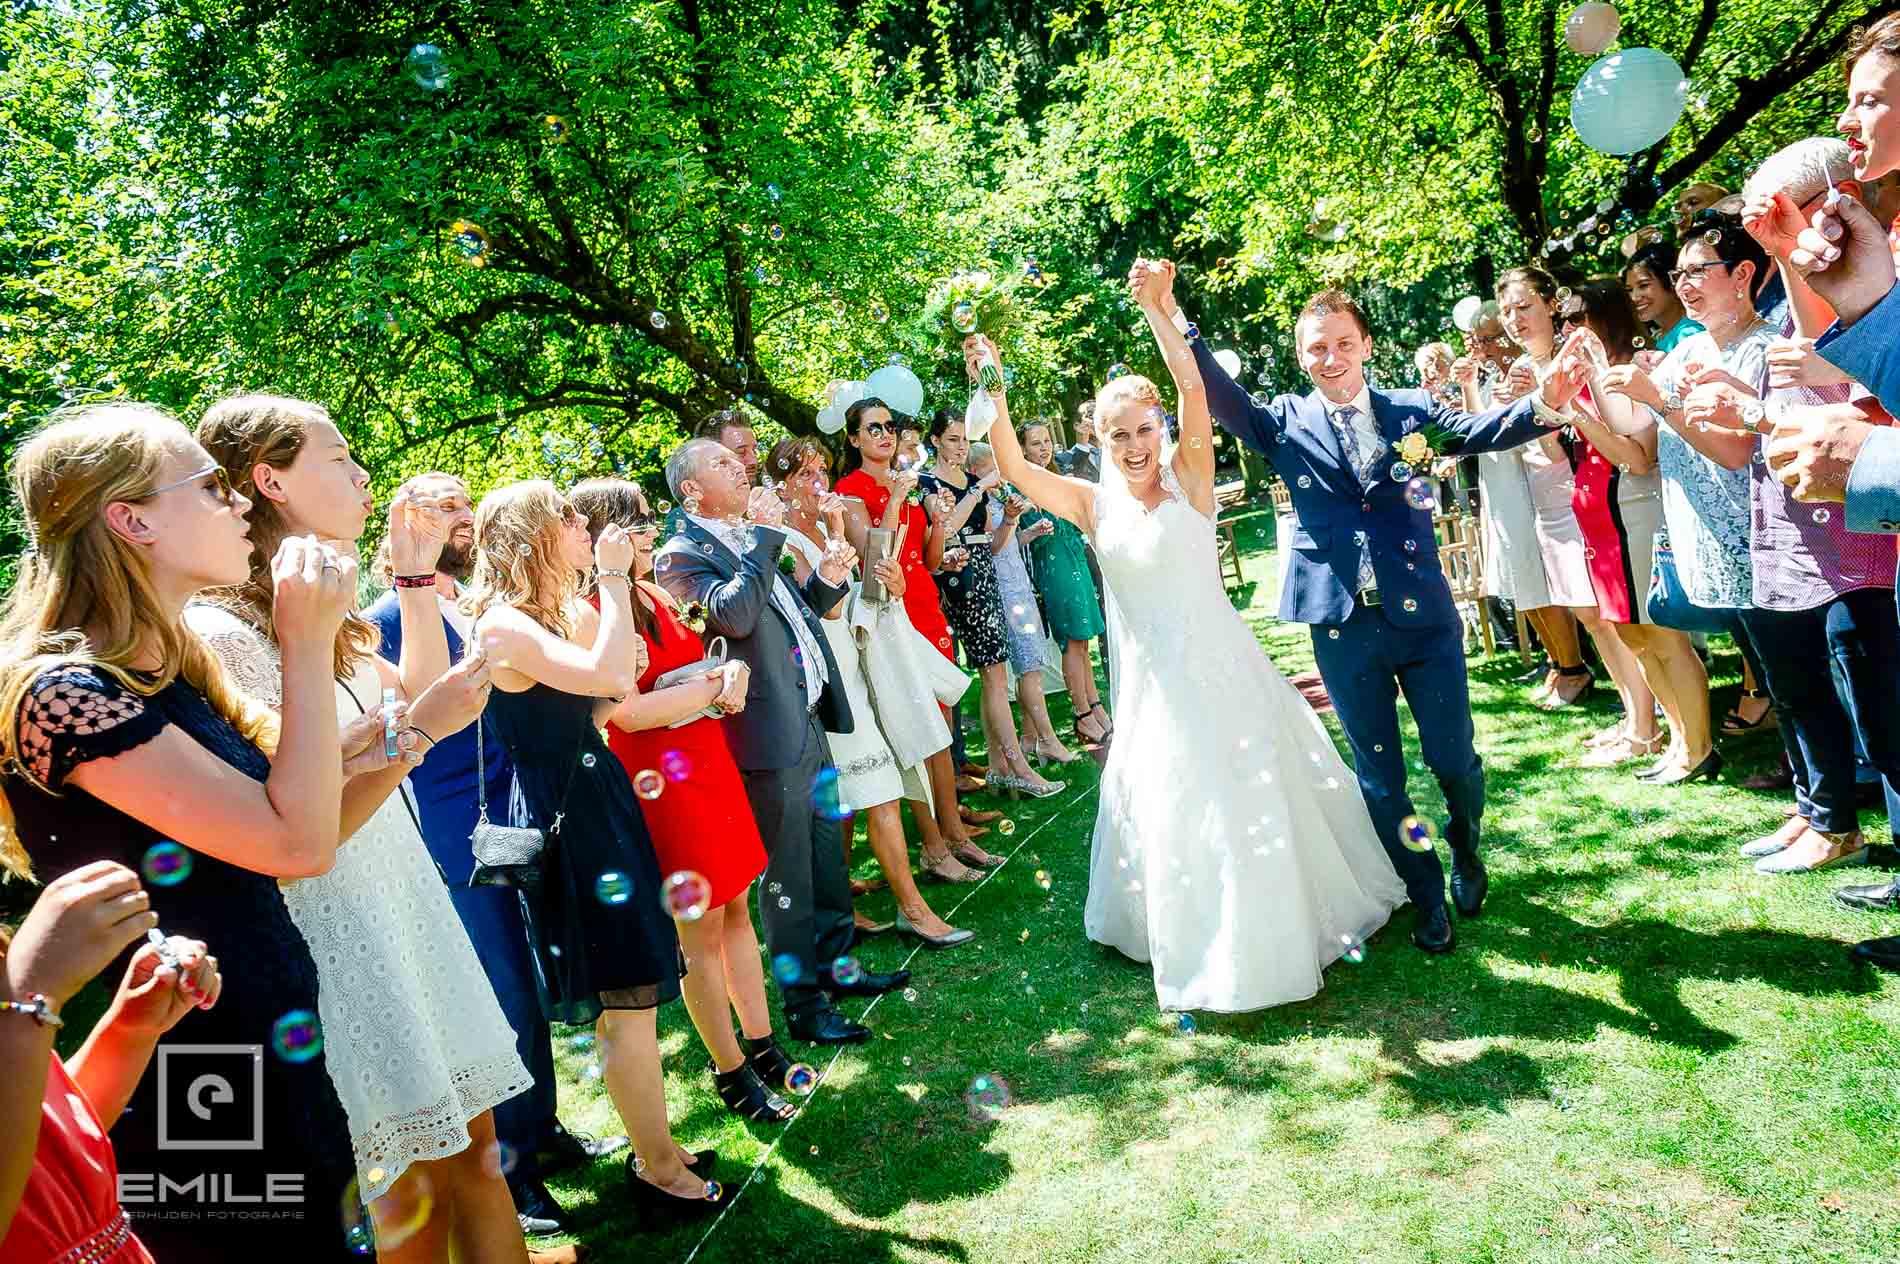 Bruidspaar is getrouwd en juicht in tuin van Partycentrum de Hoeve Venlo